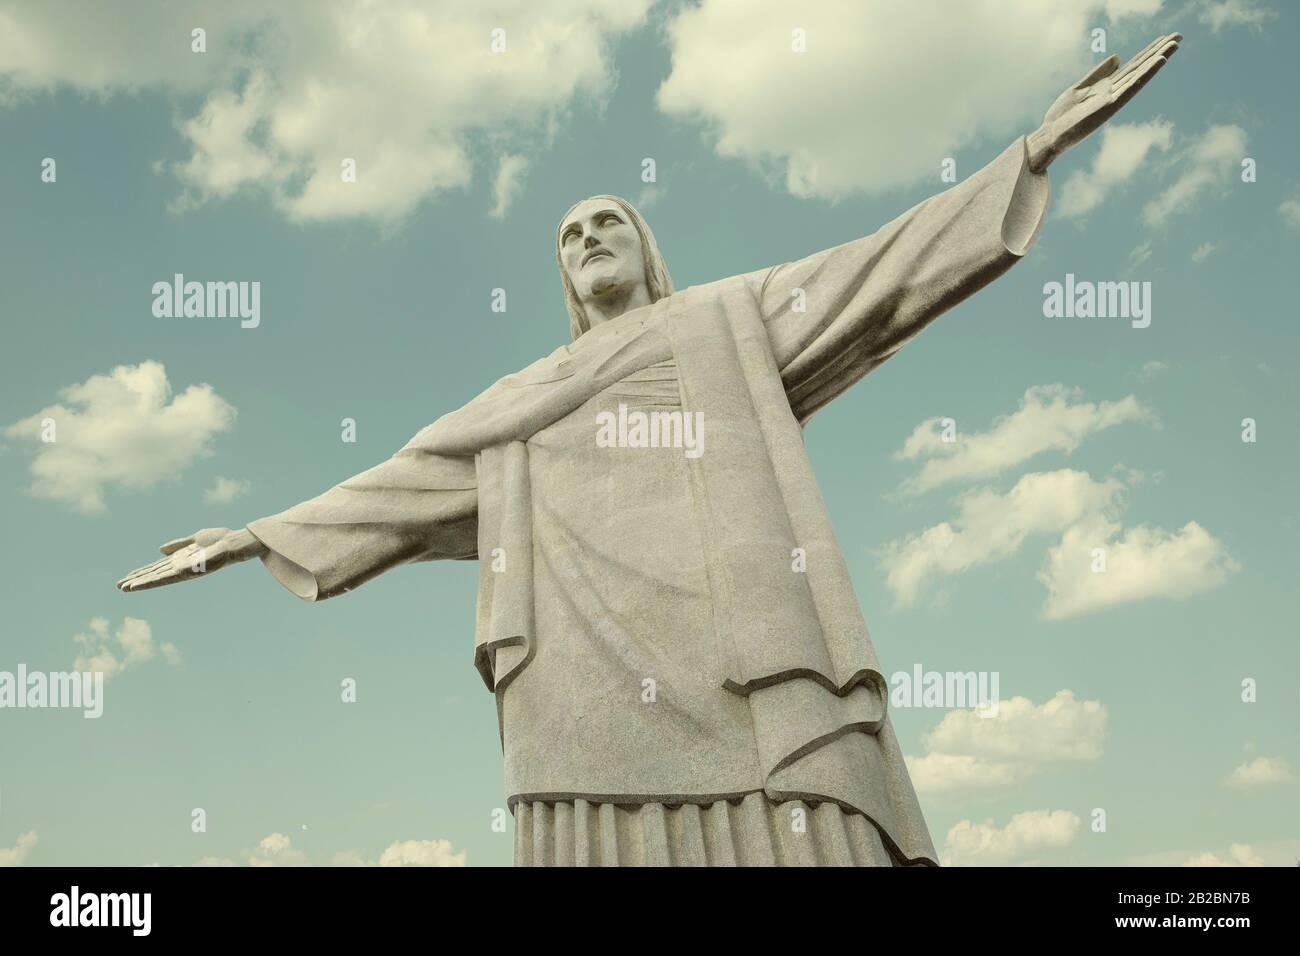 Christus der Erlöser (Cristo Redentor) Statue in Rio de Janeiro, Brasilien Stockfoto